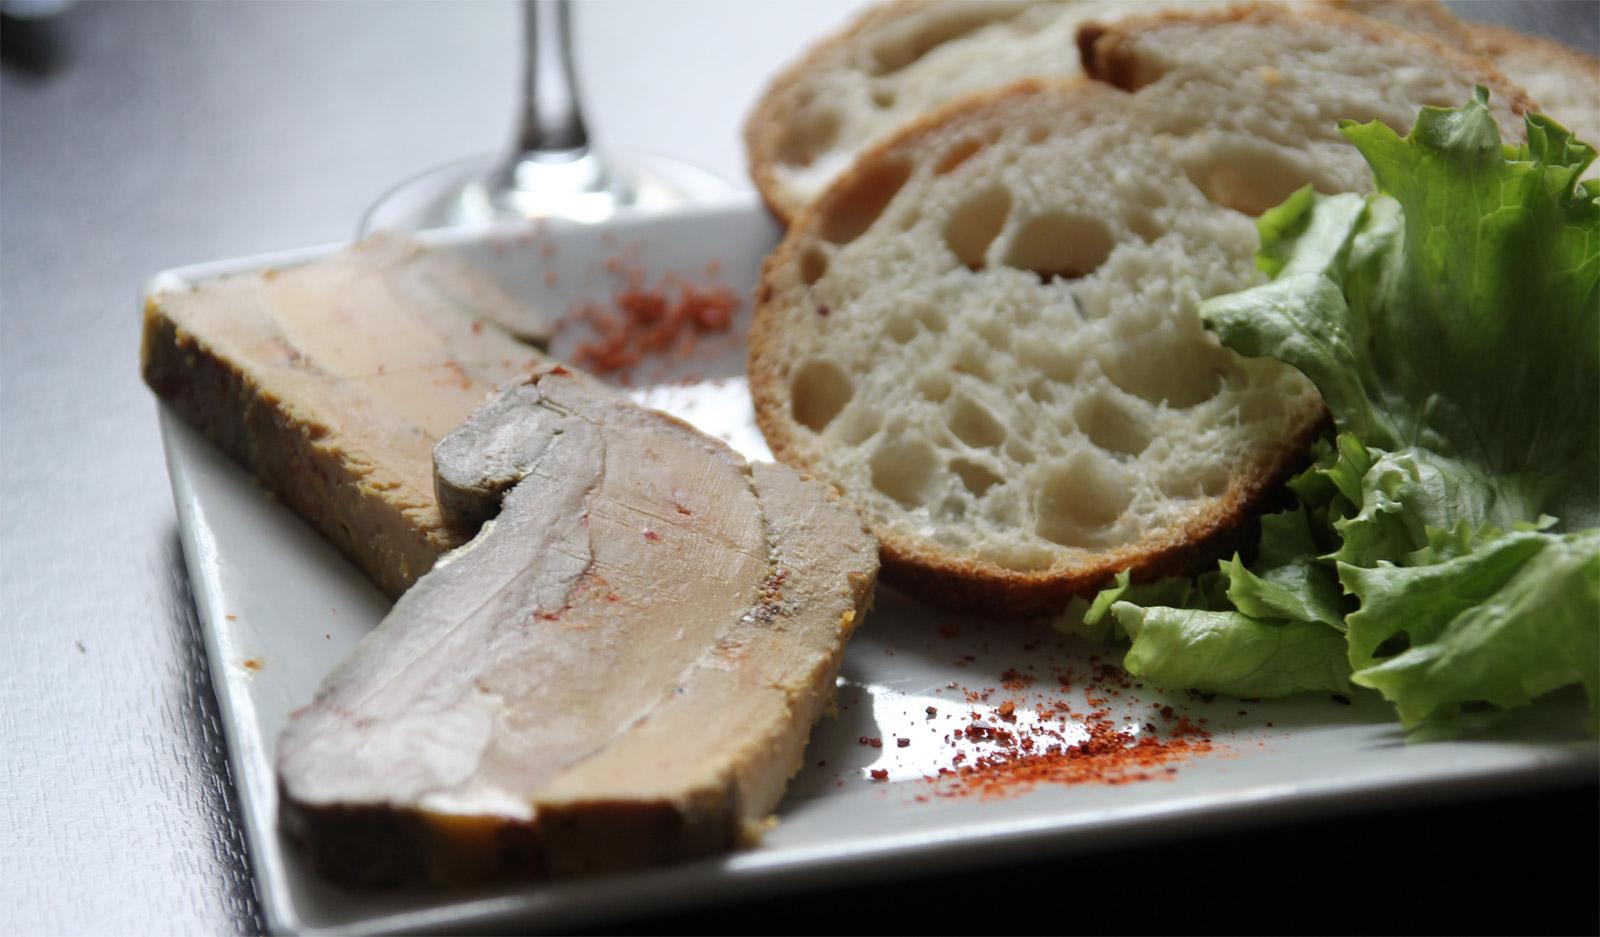 Notre foie gras maison